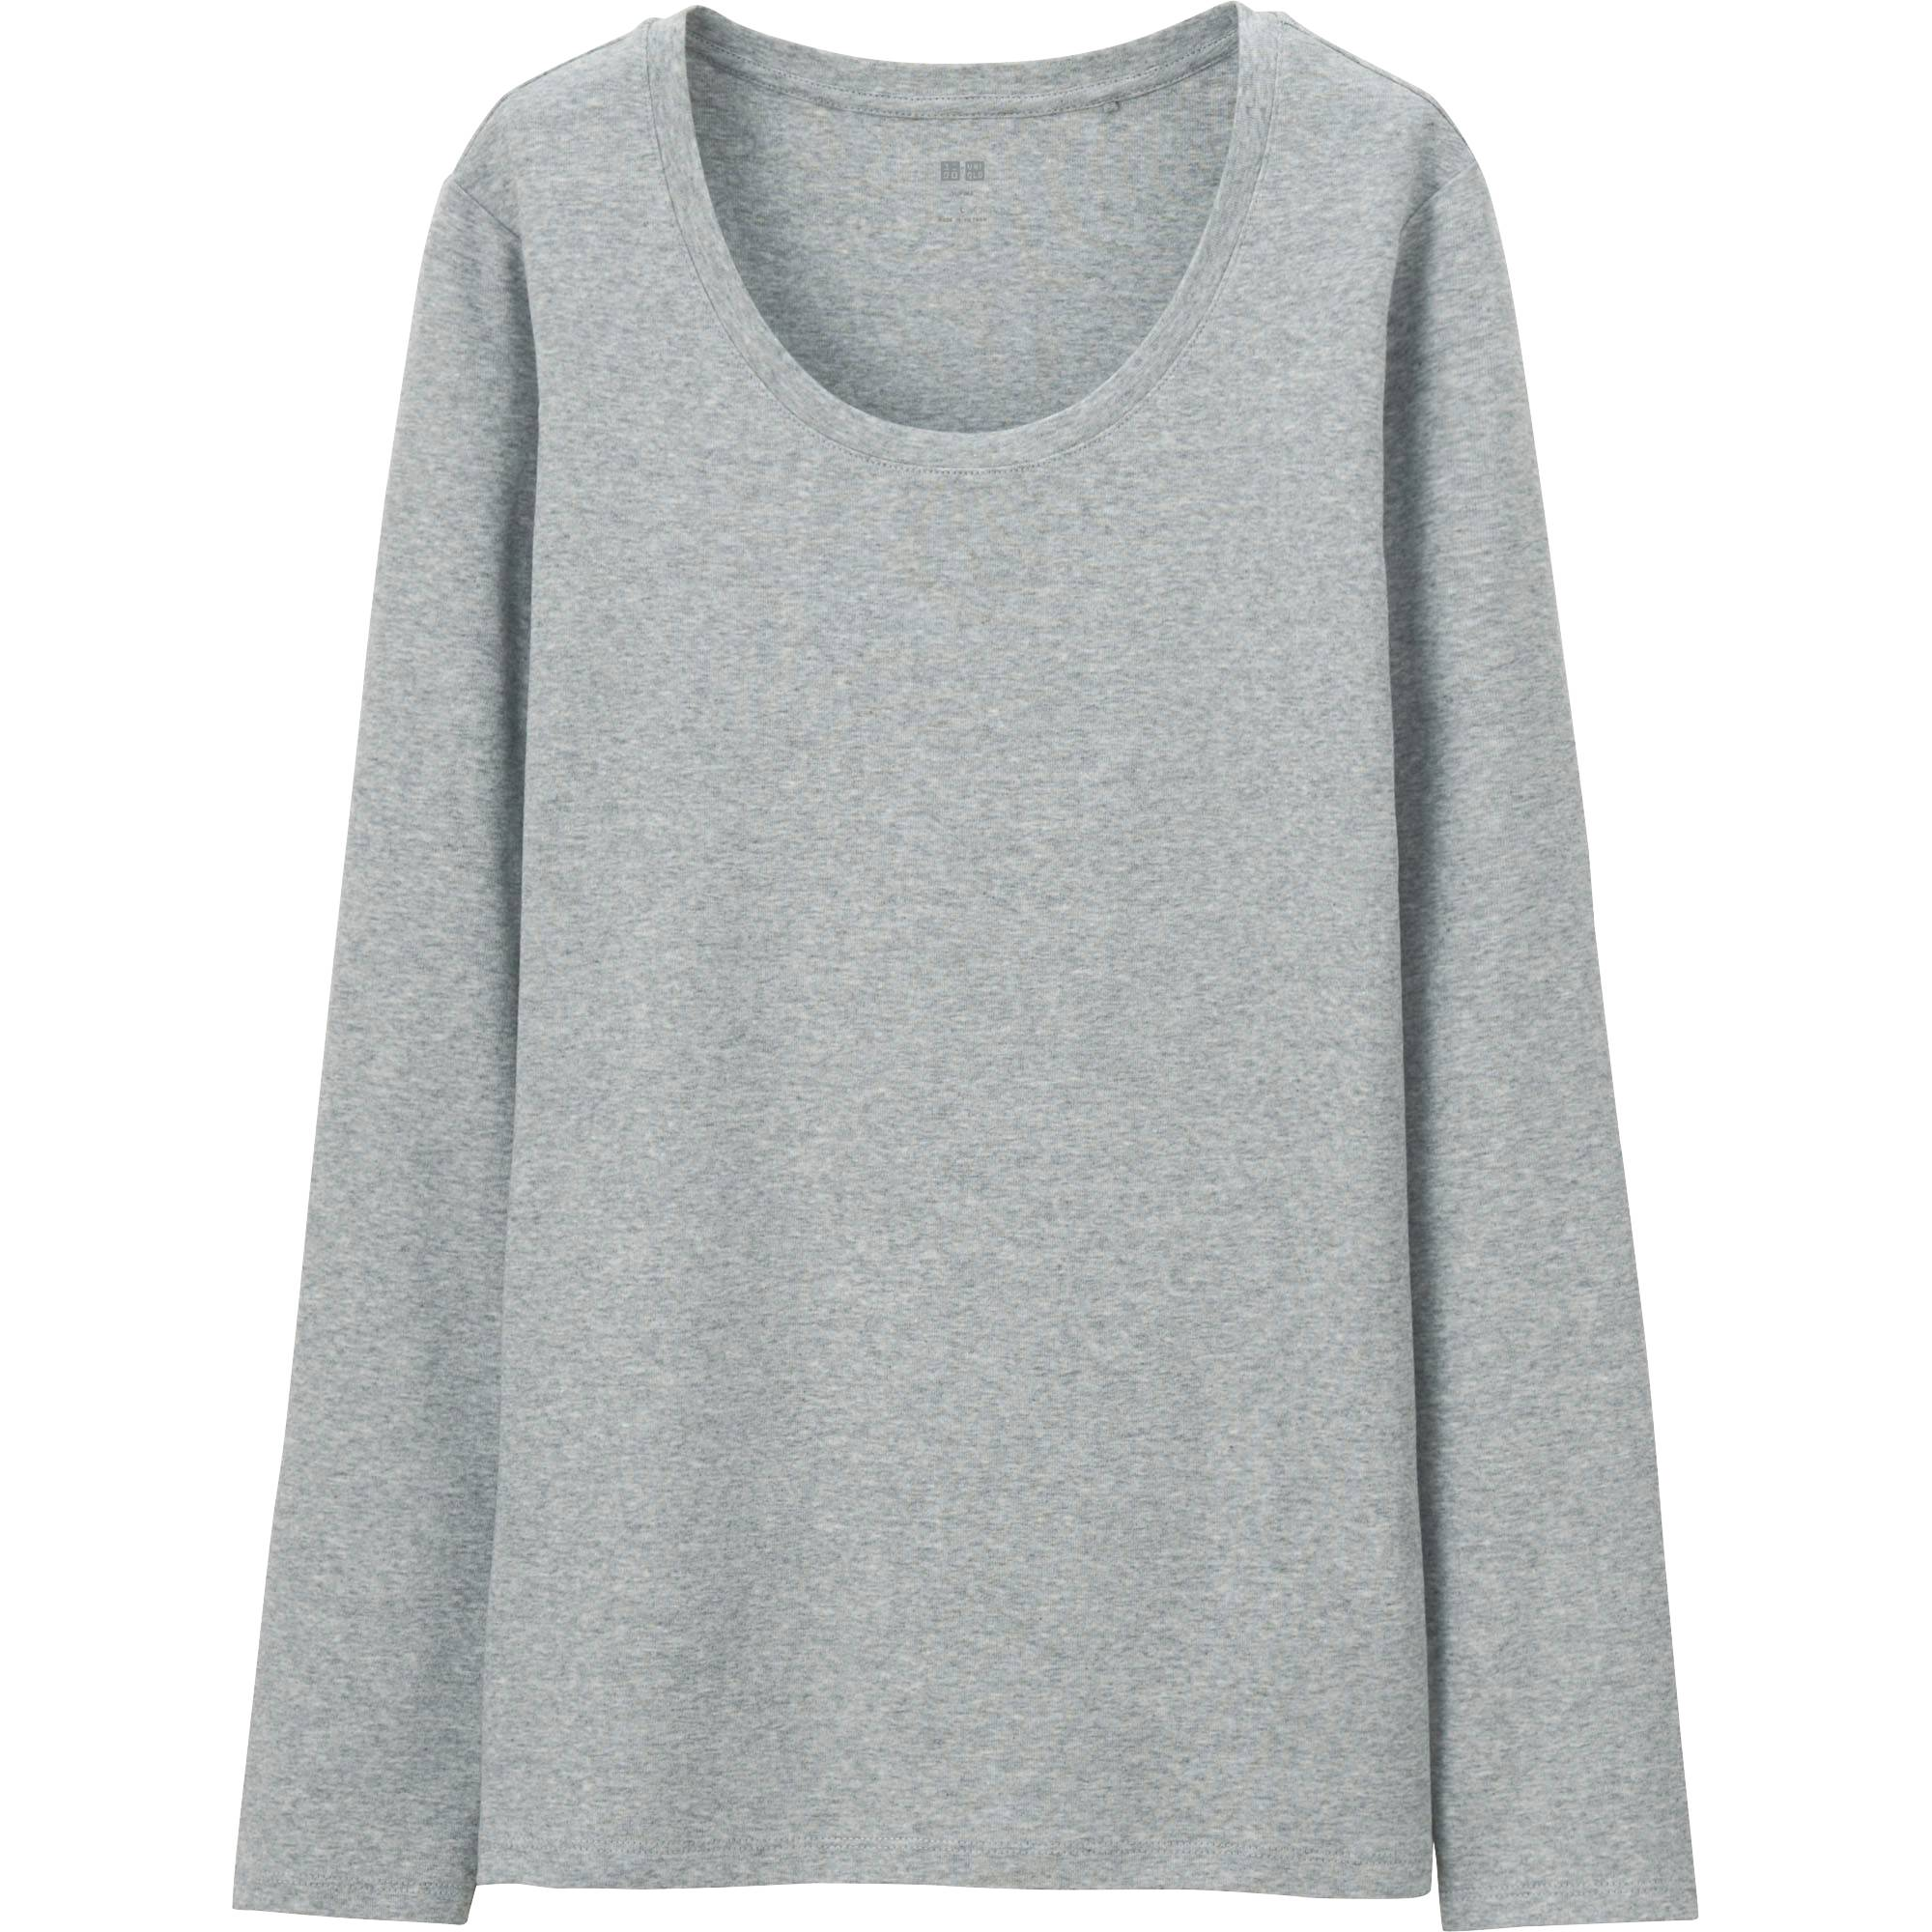 e35dd7c7d0c672 Images. Women Supima® Cotton Crewneck Long Sleeve T-Shirt ...